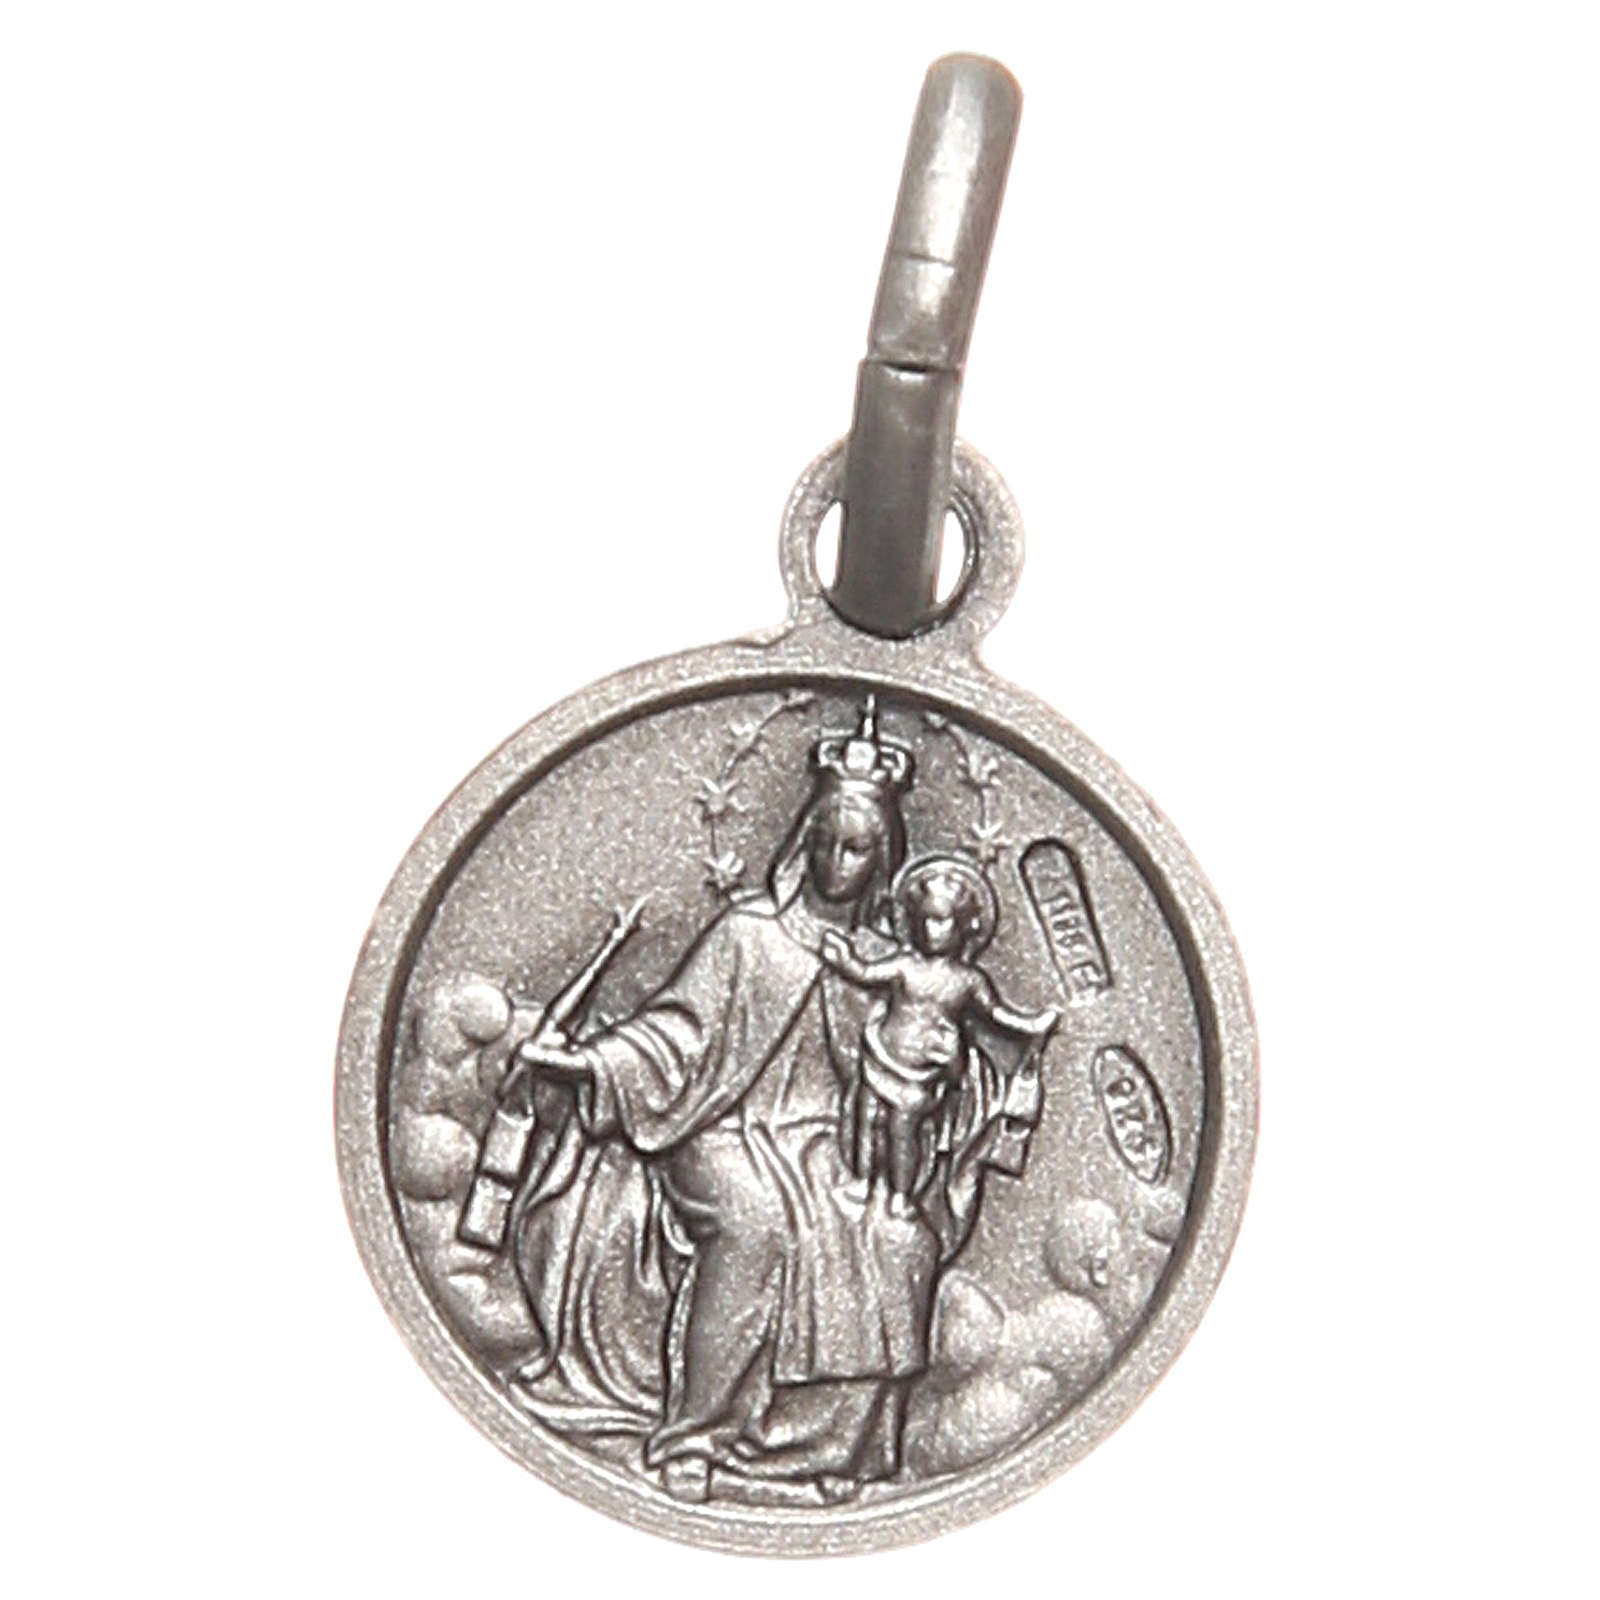 52201e3a137 Escapulario medalla Sagrado Corazón plata 925 10 mm 4